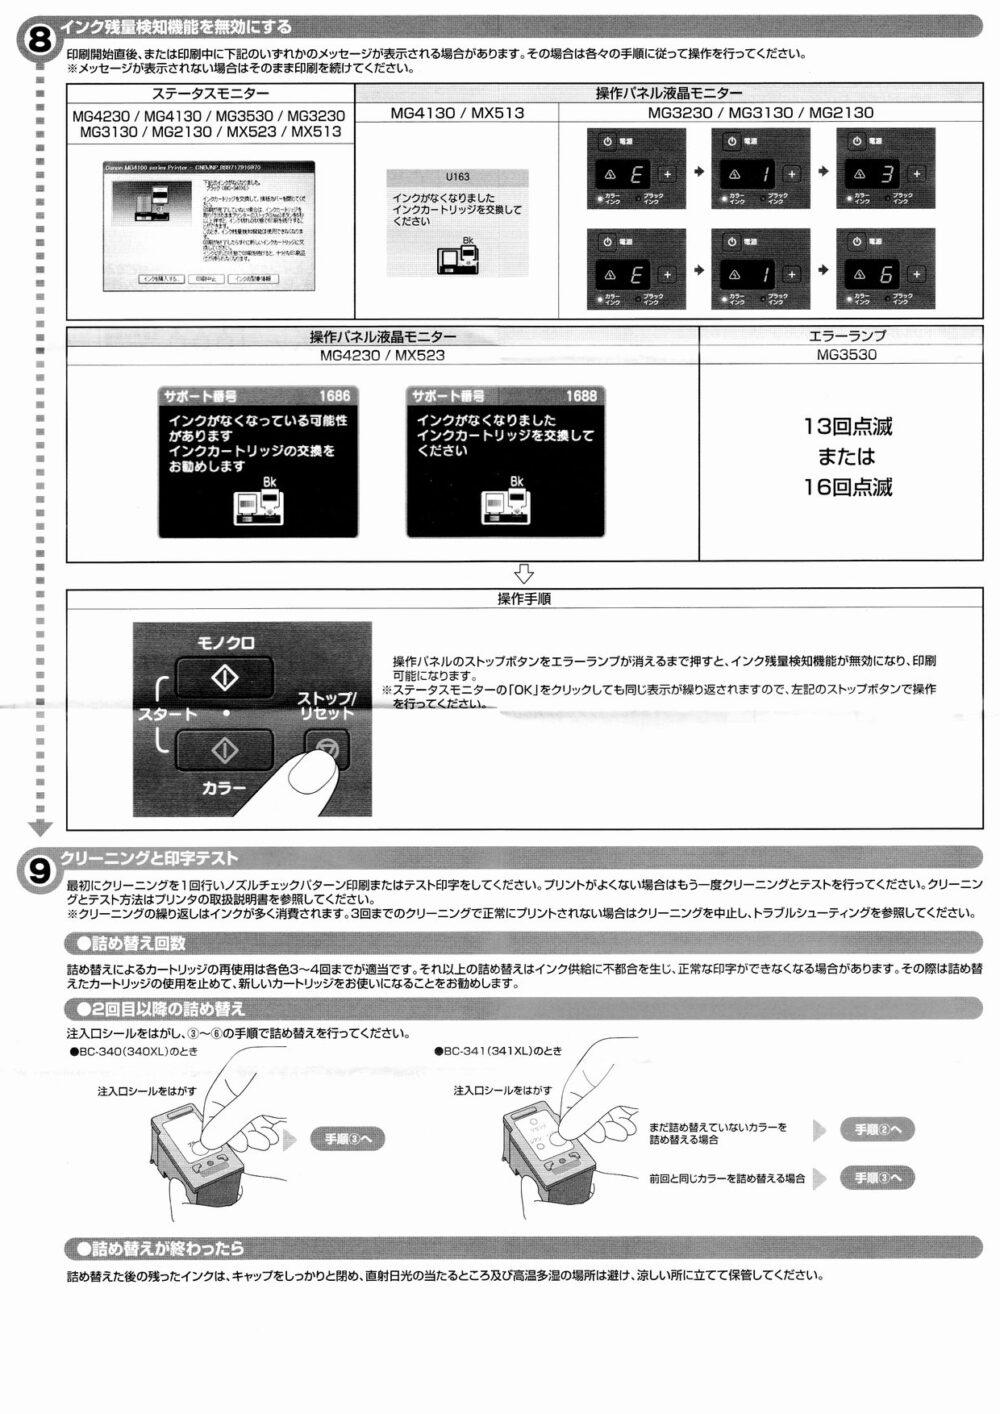 詰め替えインク取扱説明書 2